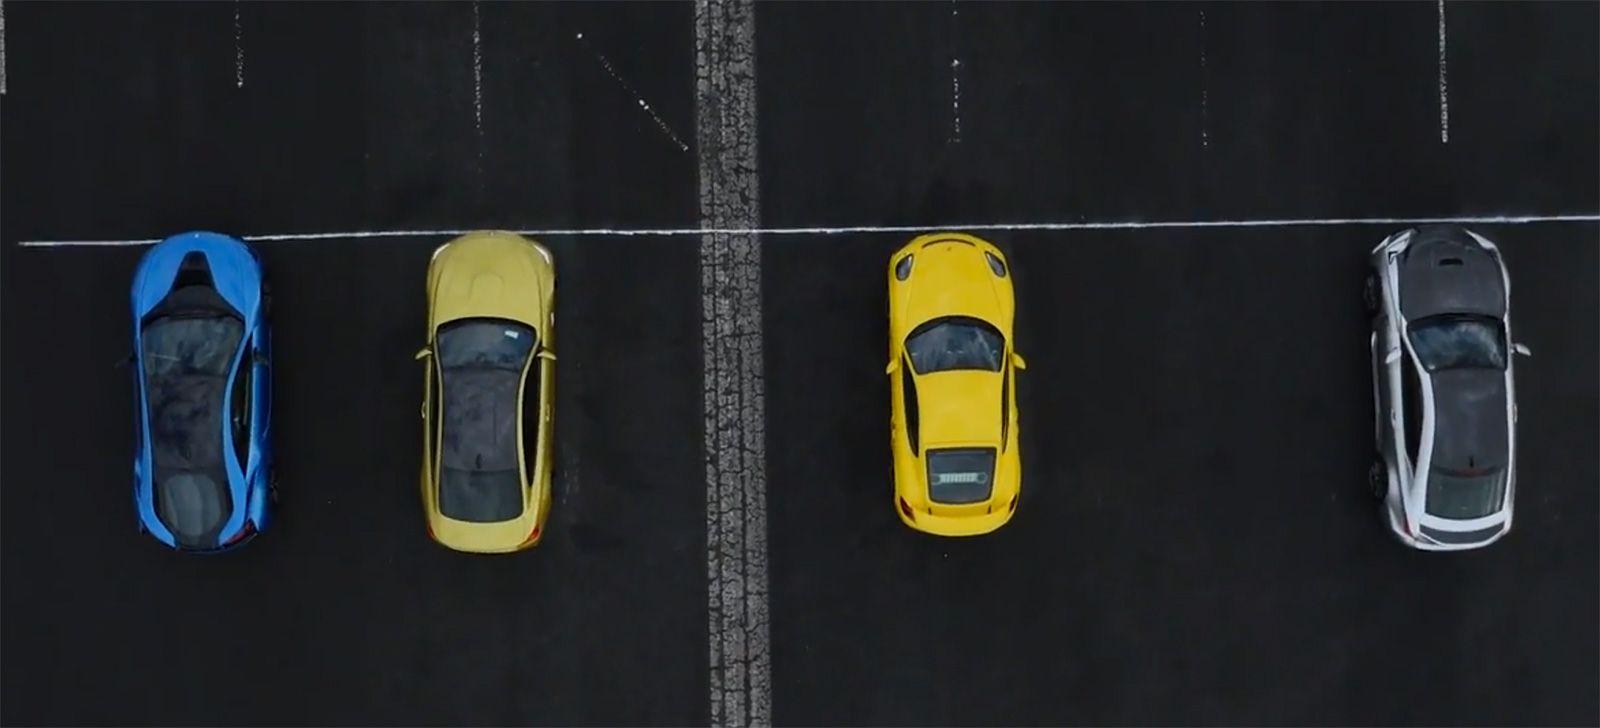 Pin By Bmwblog Com On Bmw Bmw Porsche Bmw I8